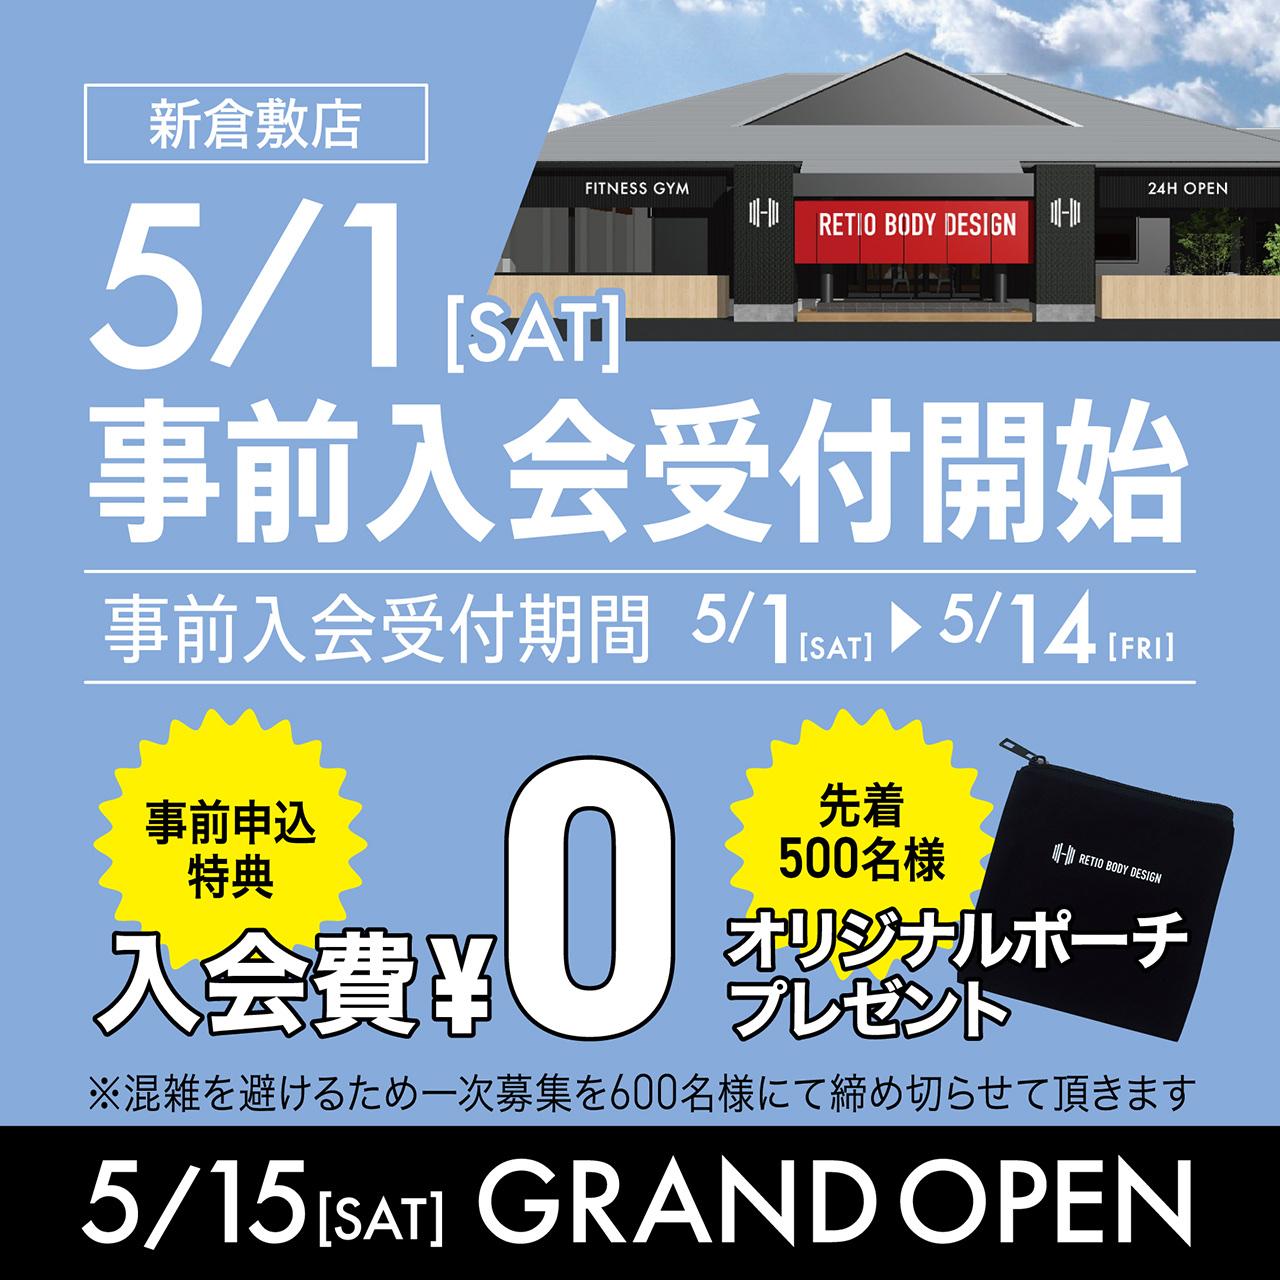 新倉敷店 5/1(SAT) 事前入会受付開始